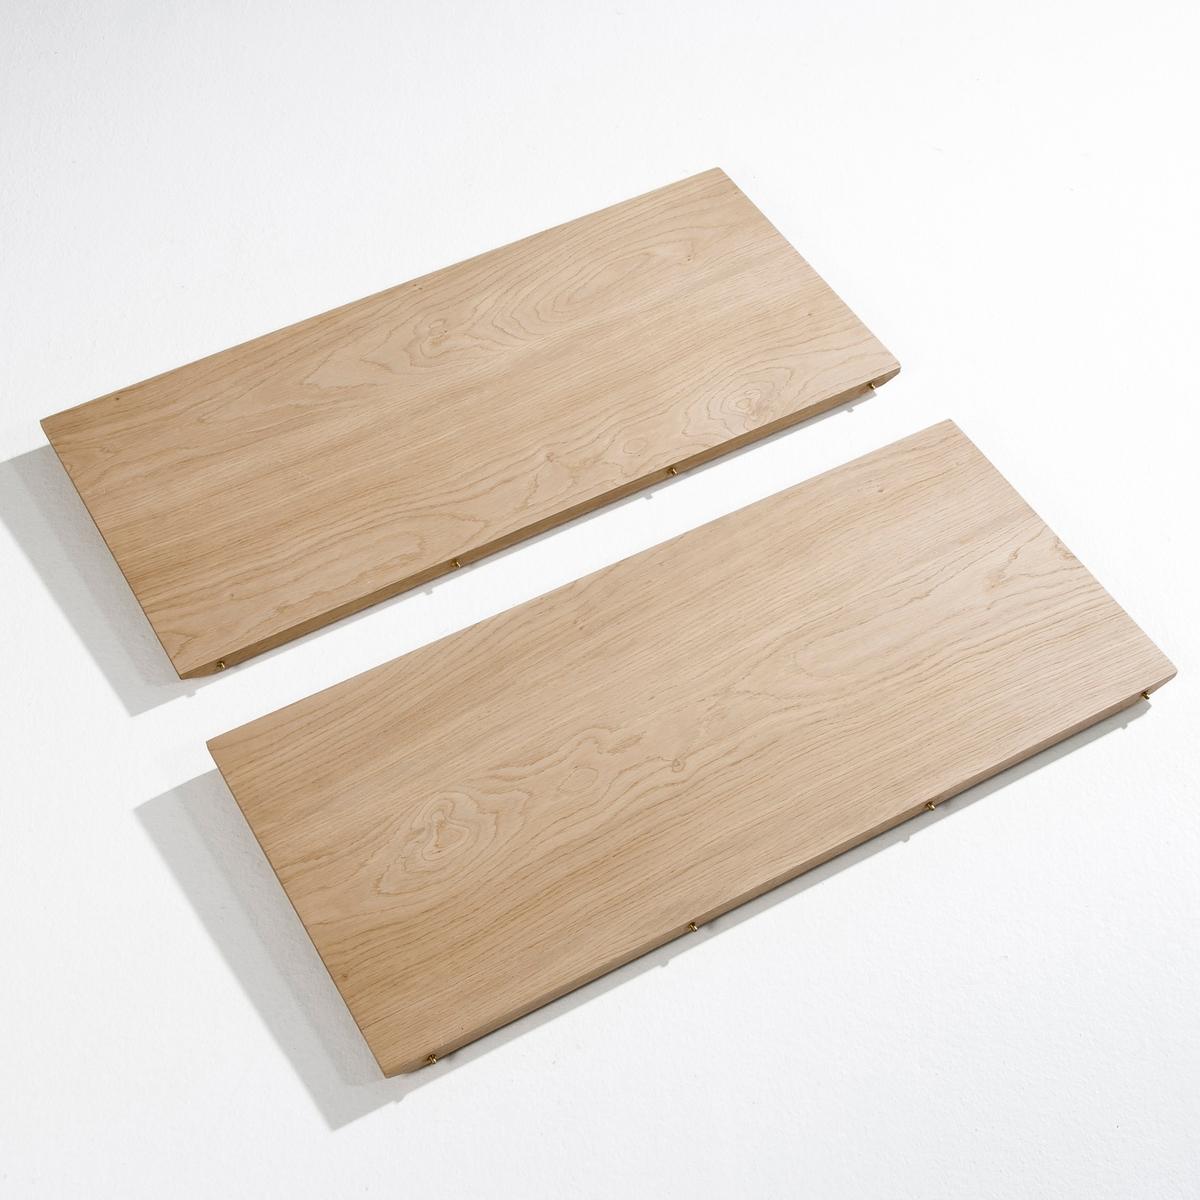 2 дополнительных секции для стола  Buondi2 дополнительных секции для стола Buondi (верх: дерево) выполнены в дизайне от Emmanuel Gallina, стол можно найти на нашем сайте.Характеристики:- МДФ, лакированный дуб.Размеры:- Дл. 40 x Выс. 2,2 x Гл. 90 смРазмеры и вес упаковки:- Дл. 102 x Выс. 10 x Гл. 51,5 см, 14 кгДоставка на домВаш товар будет доставлен по назначению, даже на этажВнимание! Пожалуйста, убедитесь, что упаковка пройдет через проемы (двери, лестницы, лифты)<br><br>Цвет: натуральный дуб